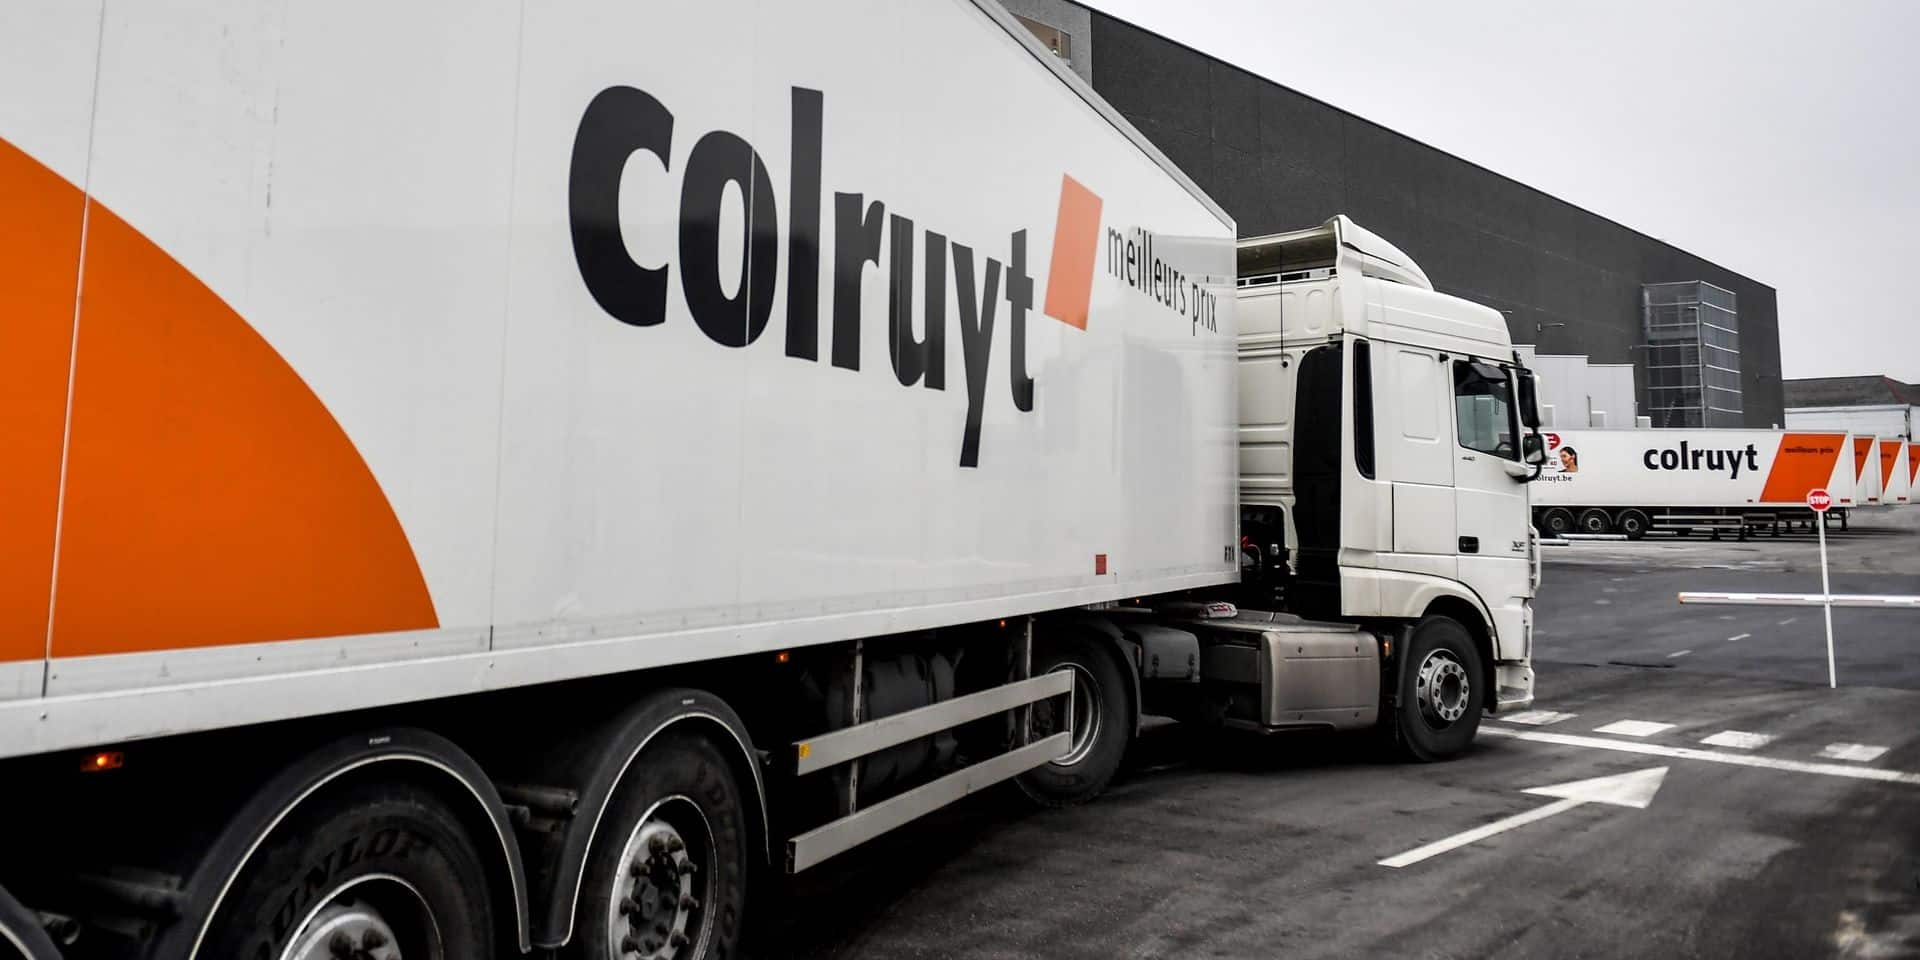 Colruyt et Fluxys ont pour projet de construire une usine d'hydrogène